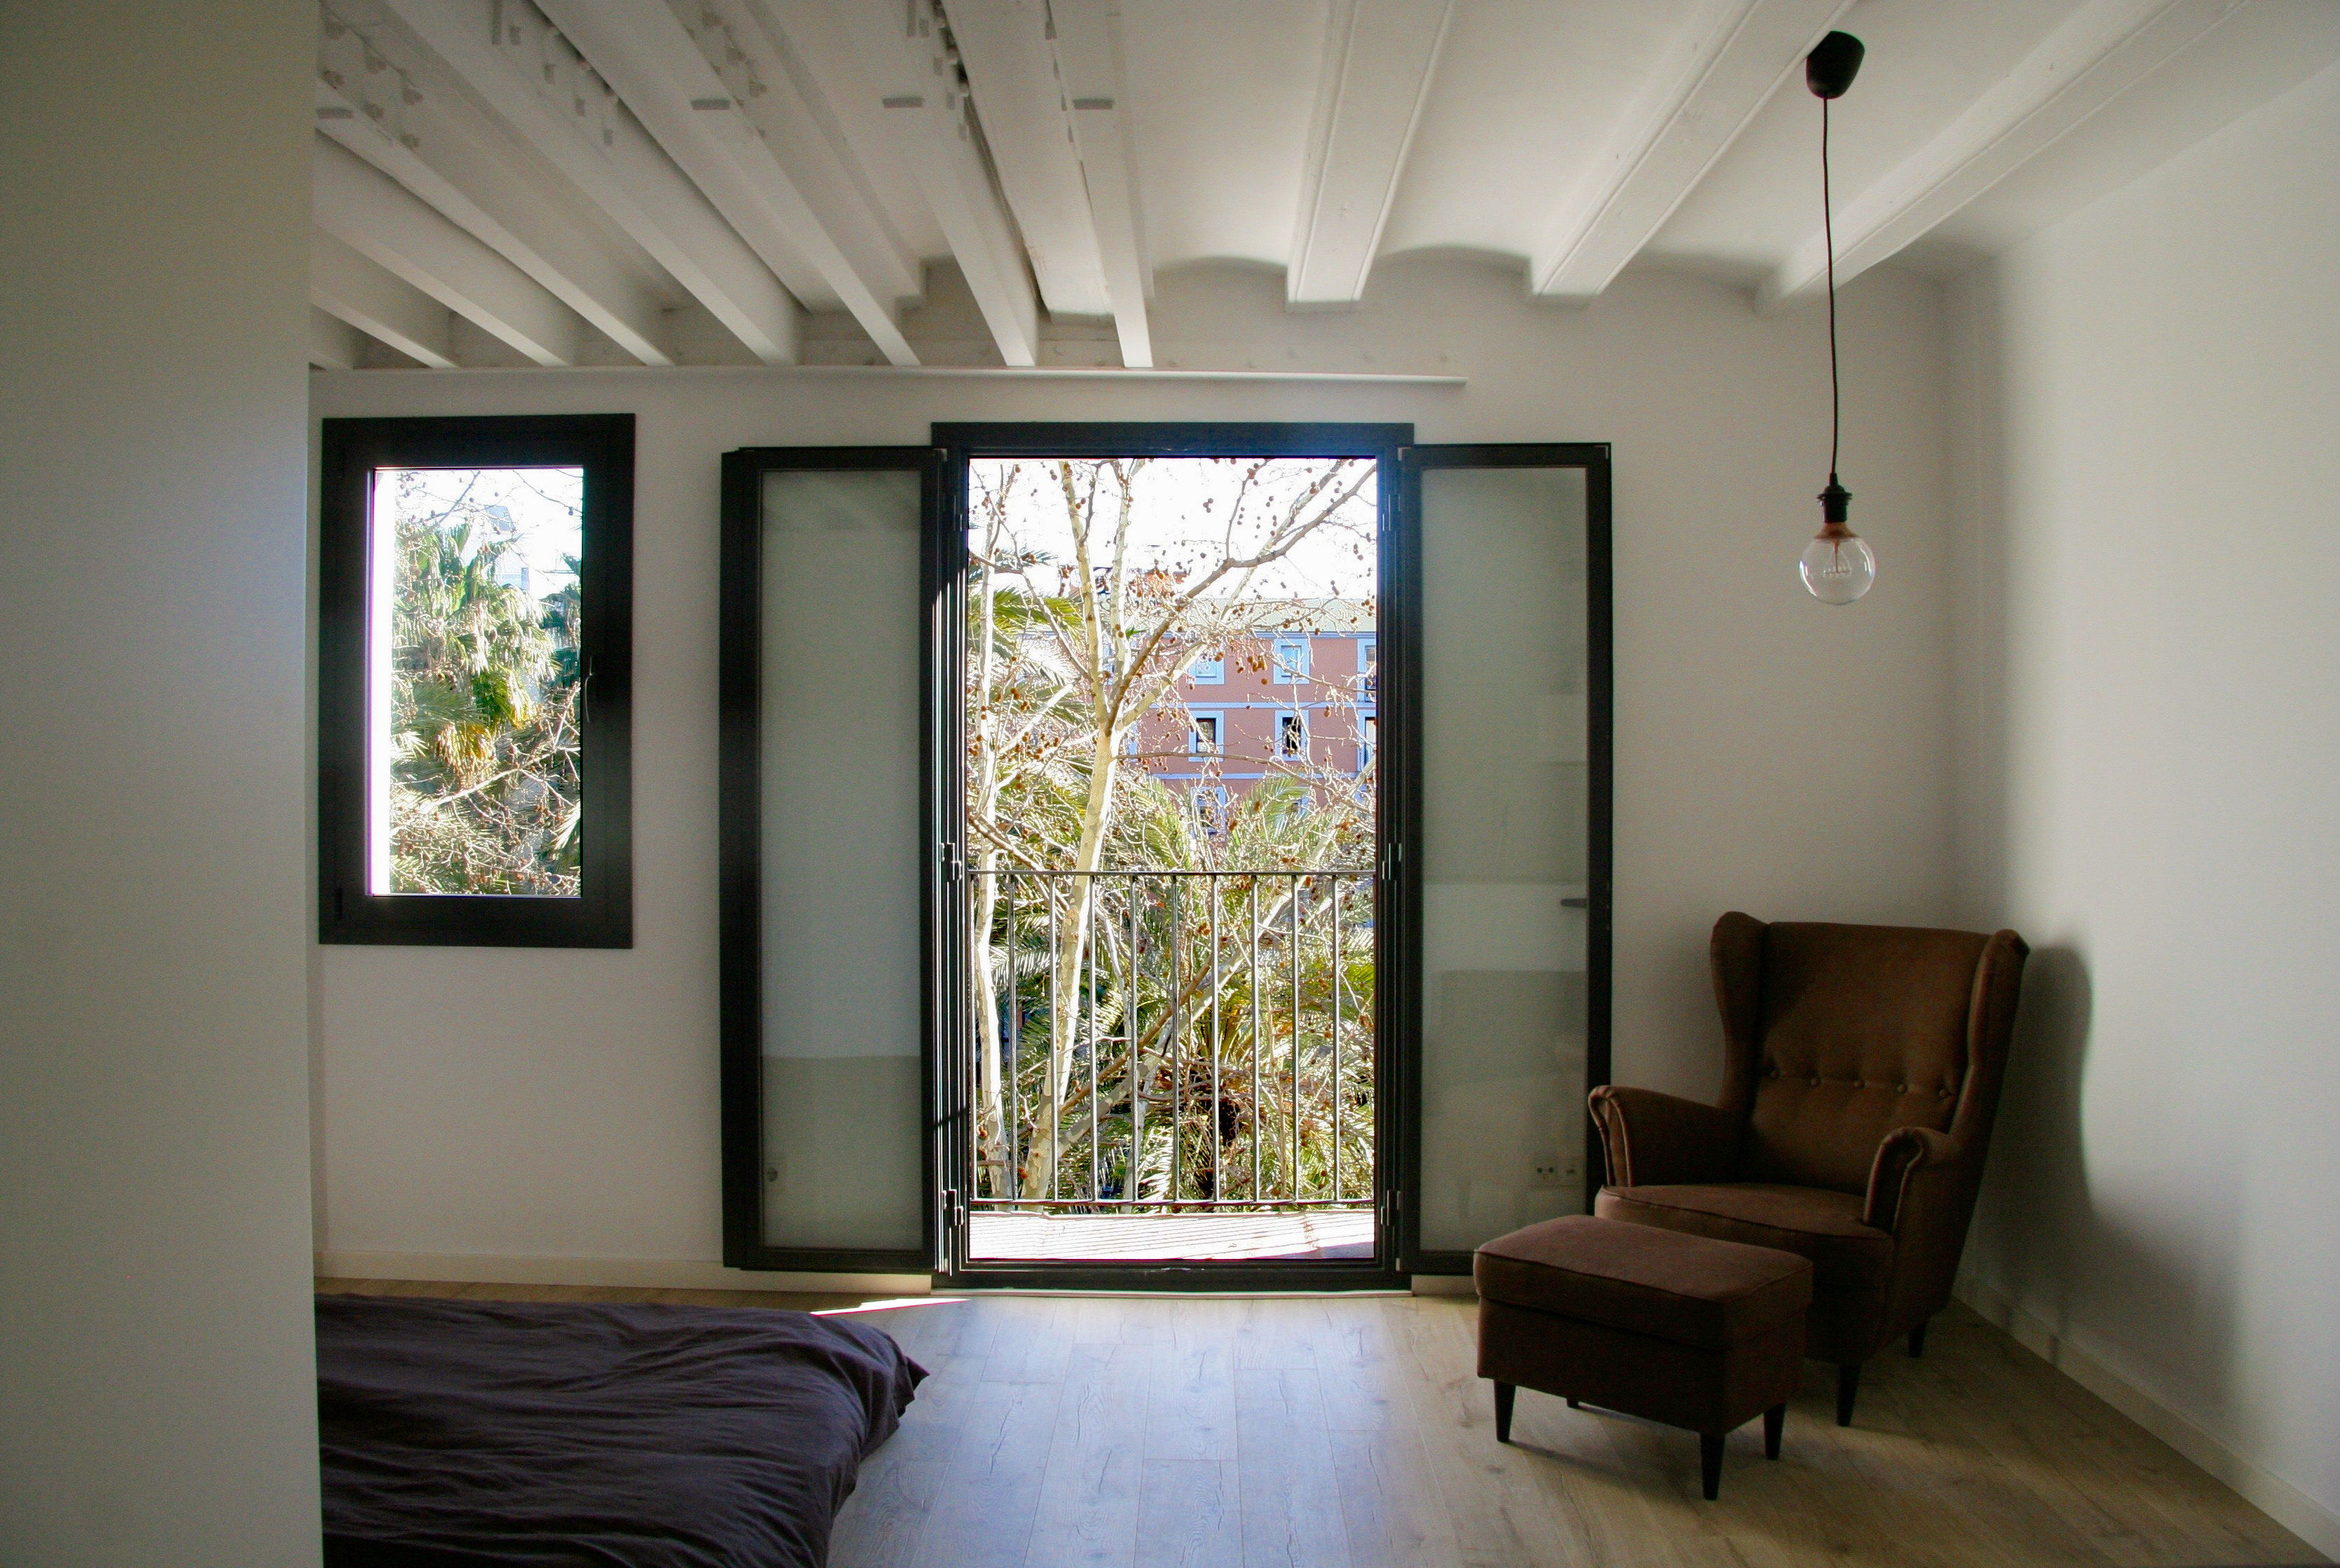 Foto 10 de Arquitectos en Barcelona | Studio Siart